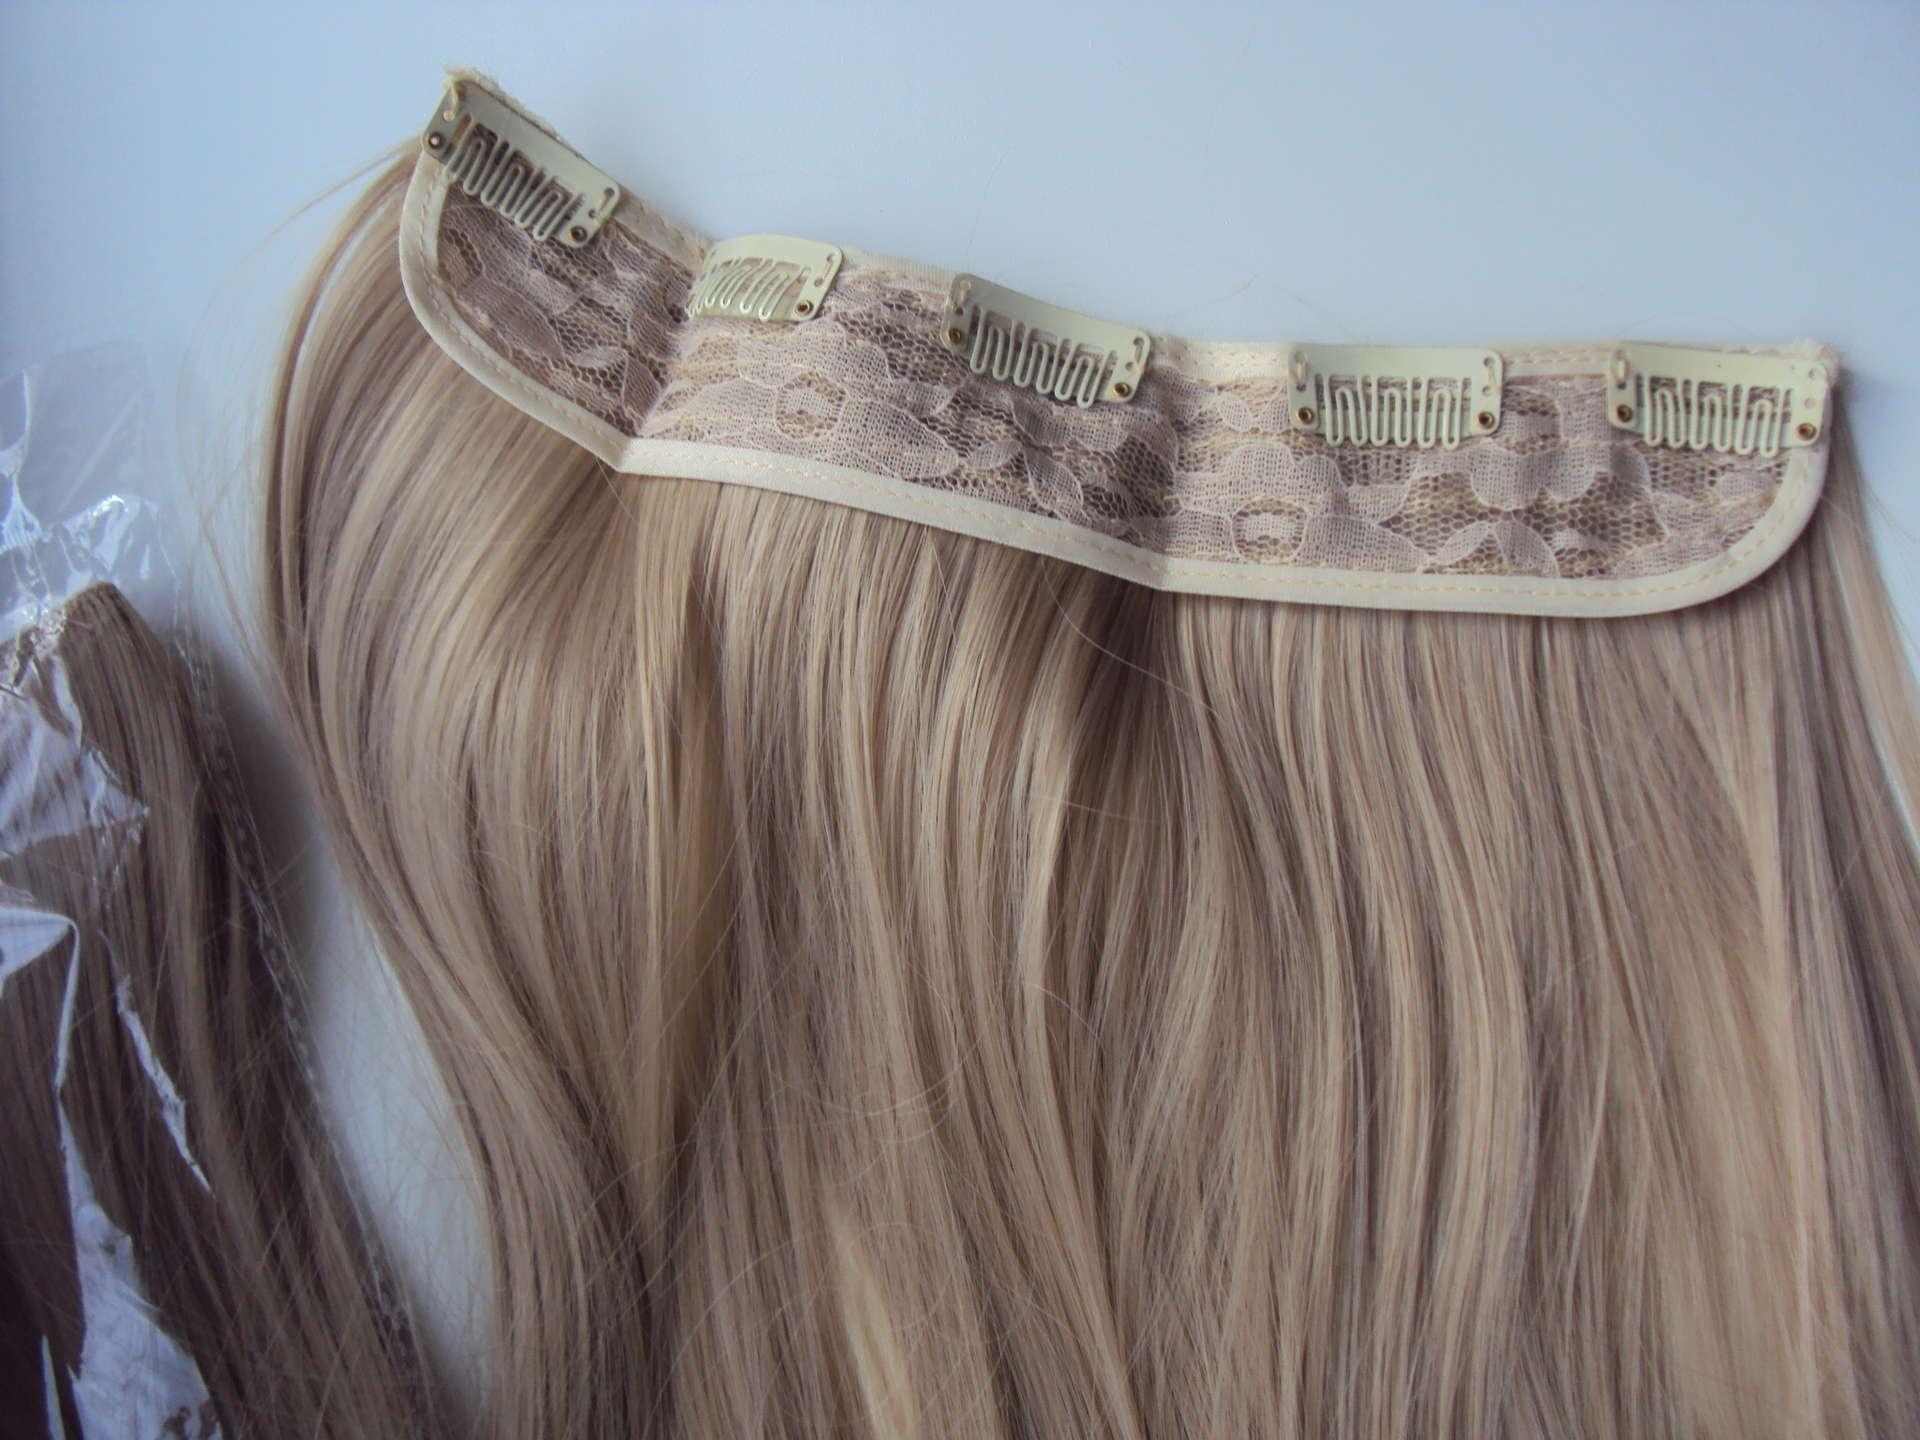 Волосы на заколках, клипсах, трессах — Волосы на заколках